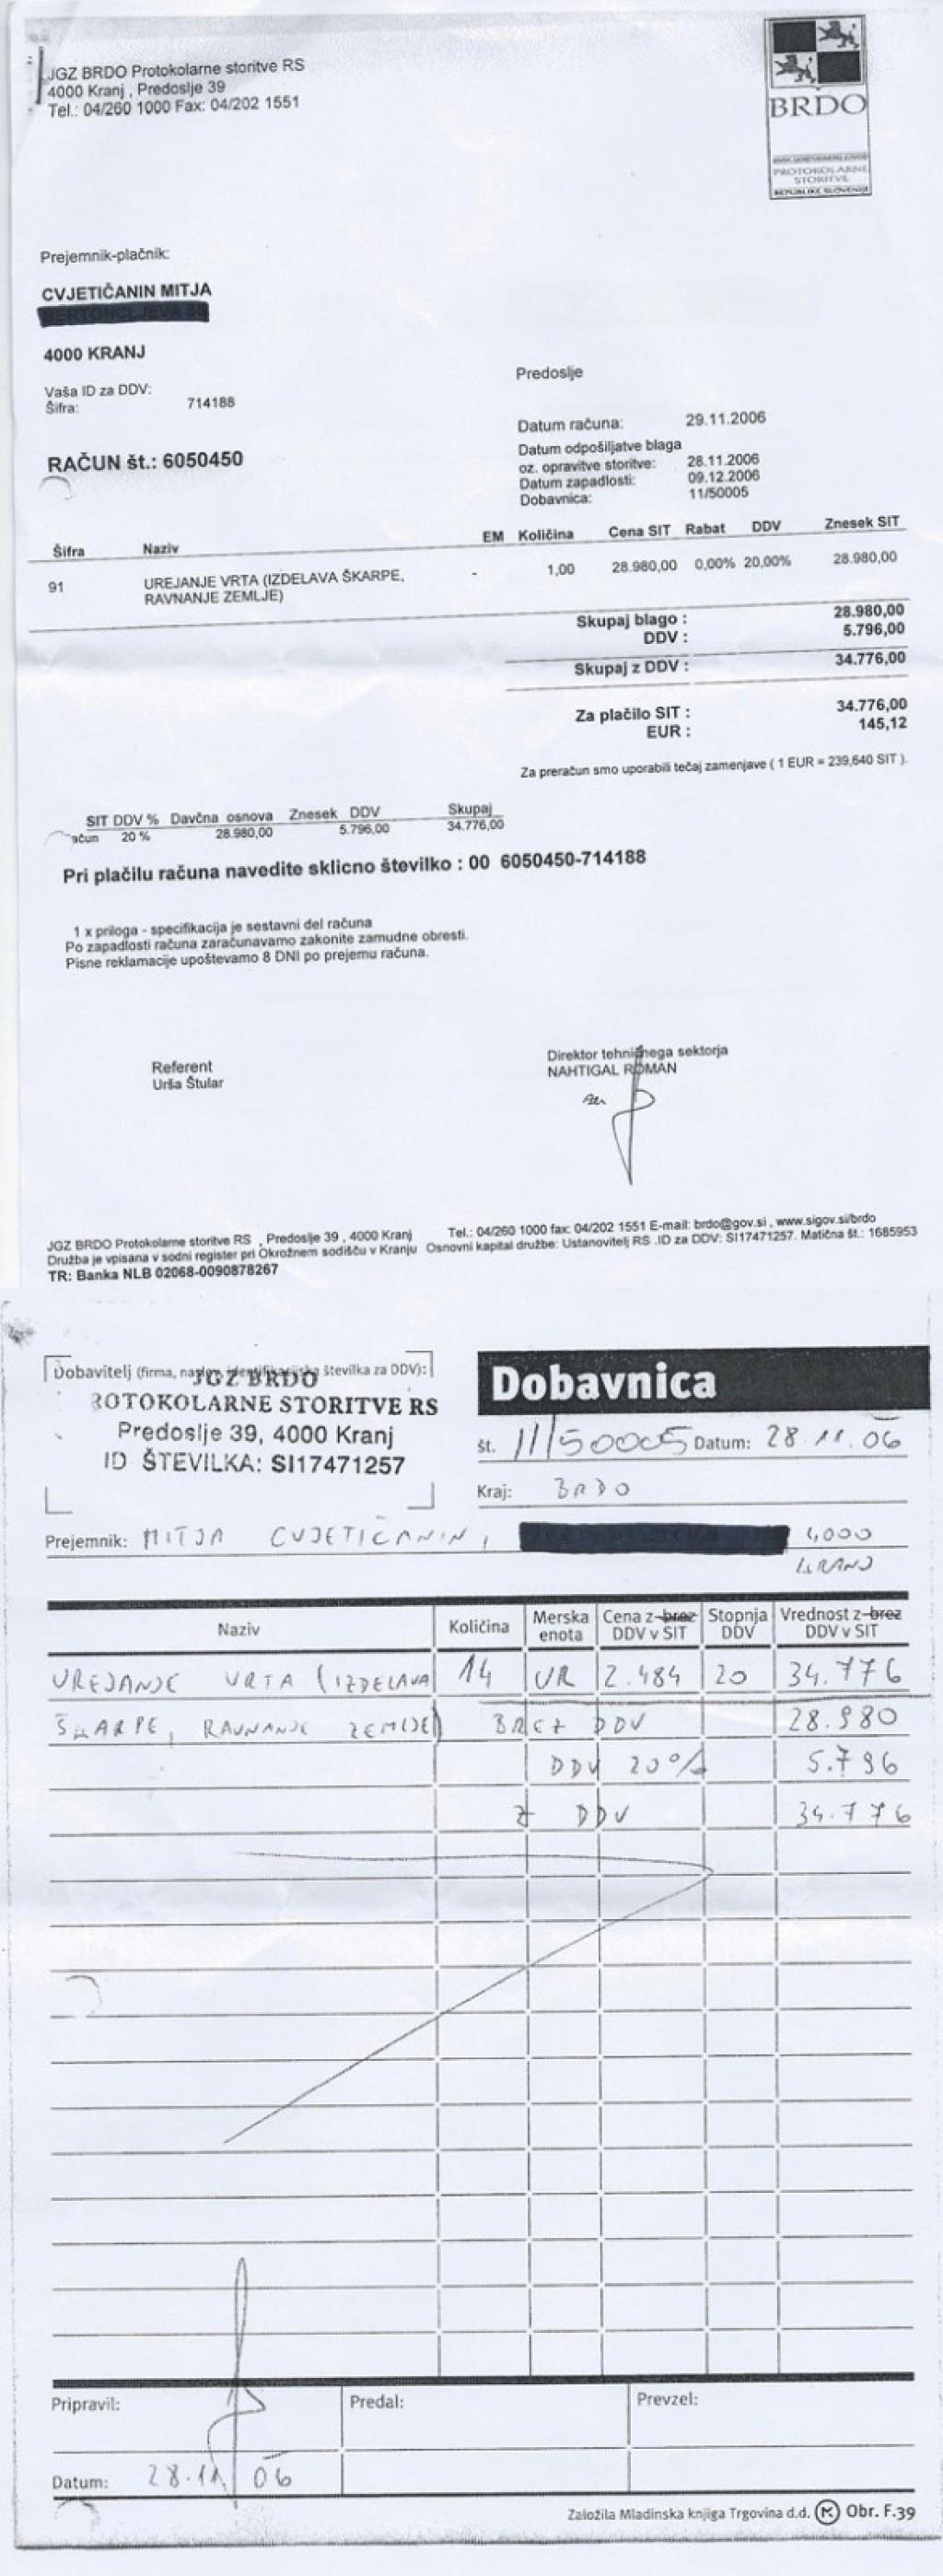 Račun številka 6050450 za urejanje vrta, s priloženo dobavnico, ki ga je JGZ Brdo Mitji Cvjetičaninu, partnerju Alenke Bratušek, izdalo novembra 2006.<br>